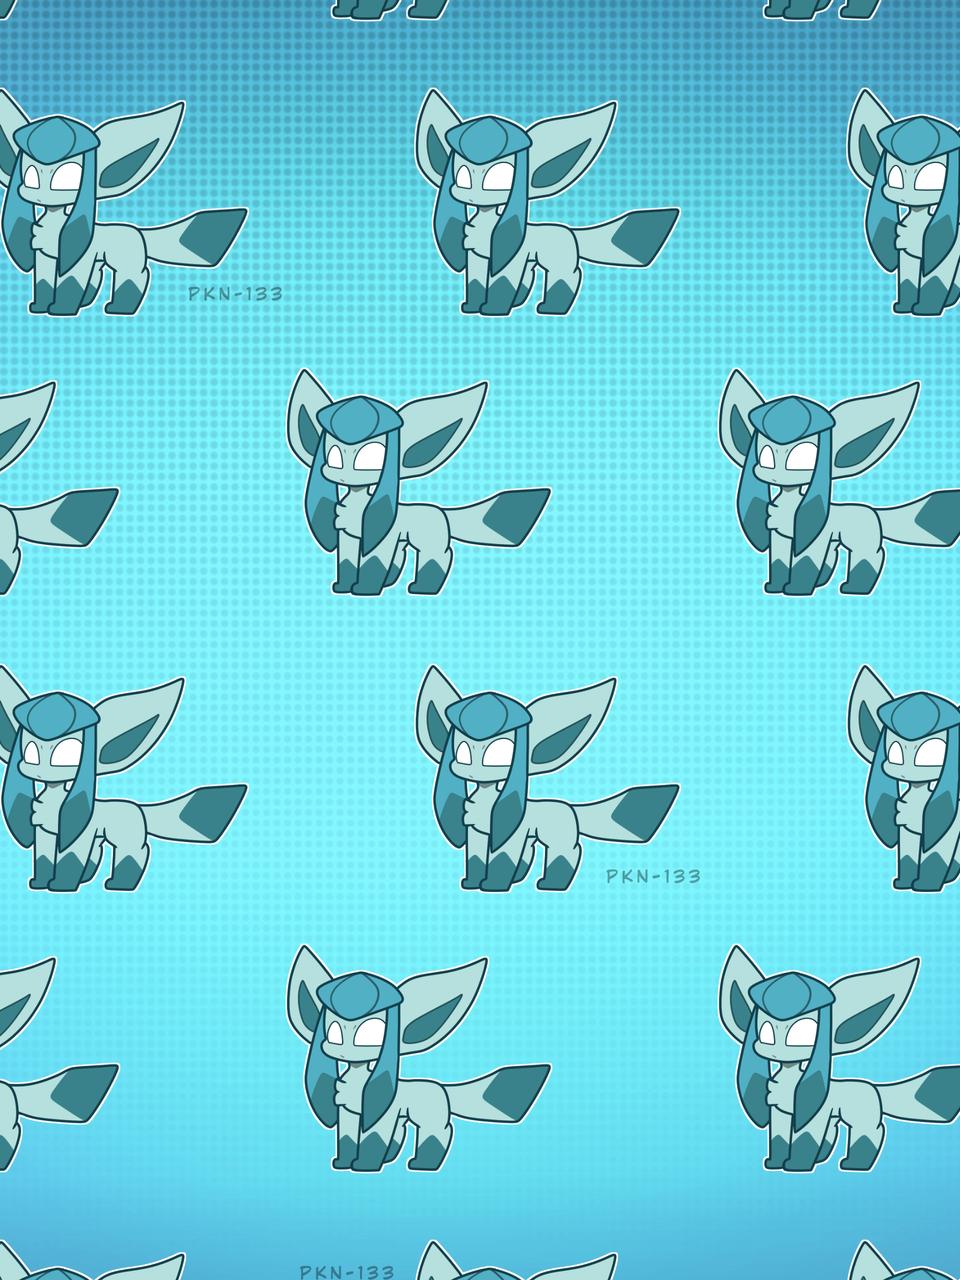 Some More Pokémon Patterns.  Illust of ✨ PKN-133 ✨ pokemon PKN-133 Sylveon glaceon Umbreon wallpaper chibi Espeon eeveelution Jolteon